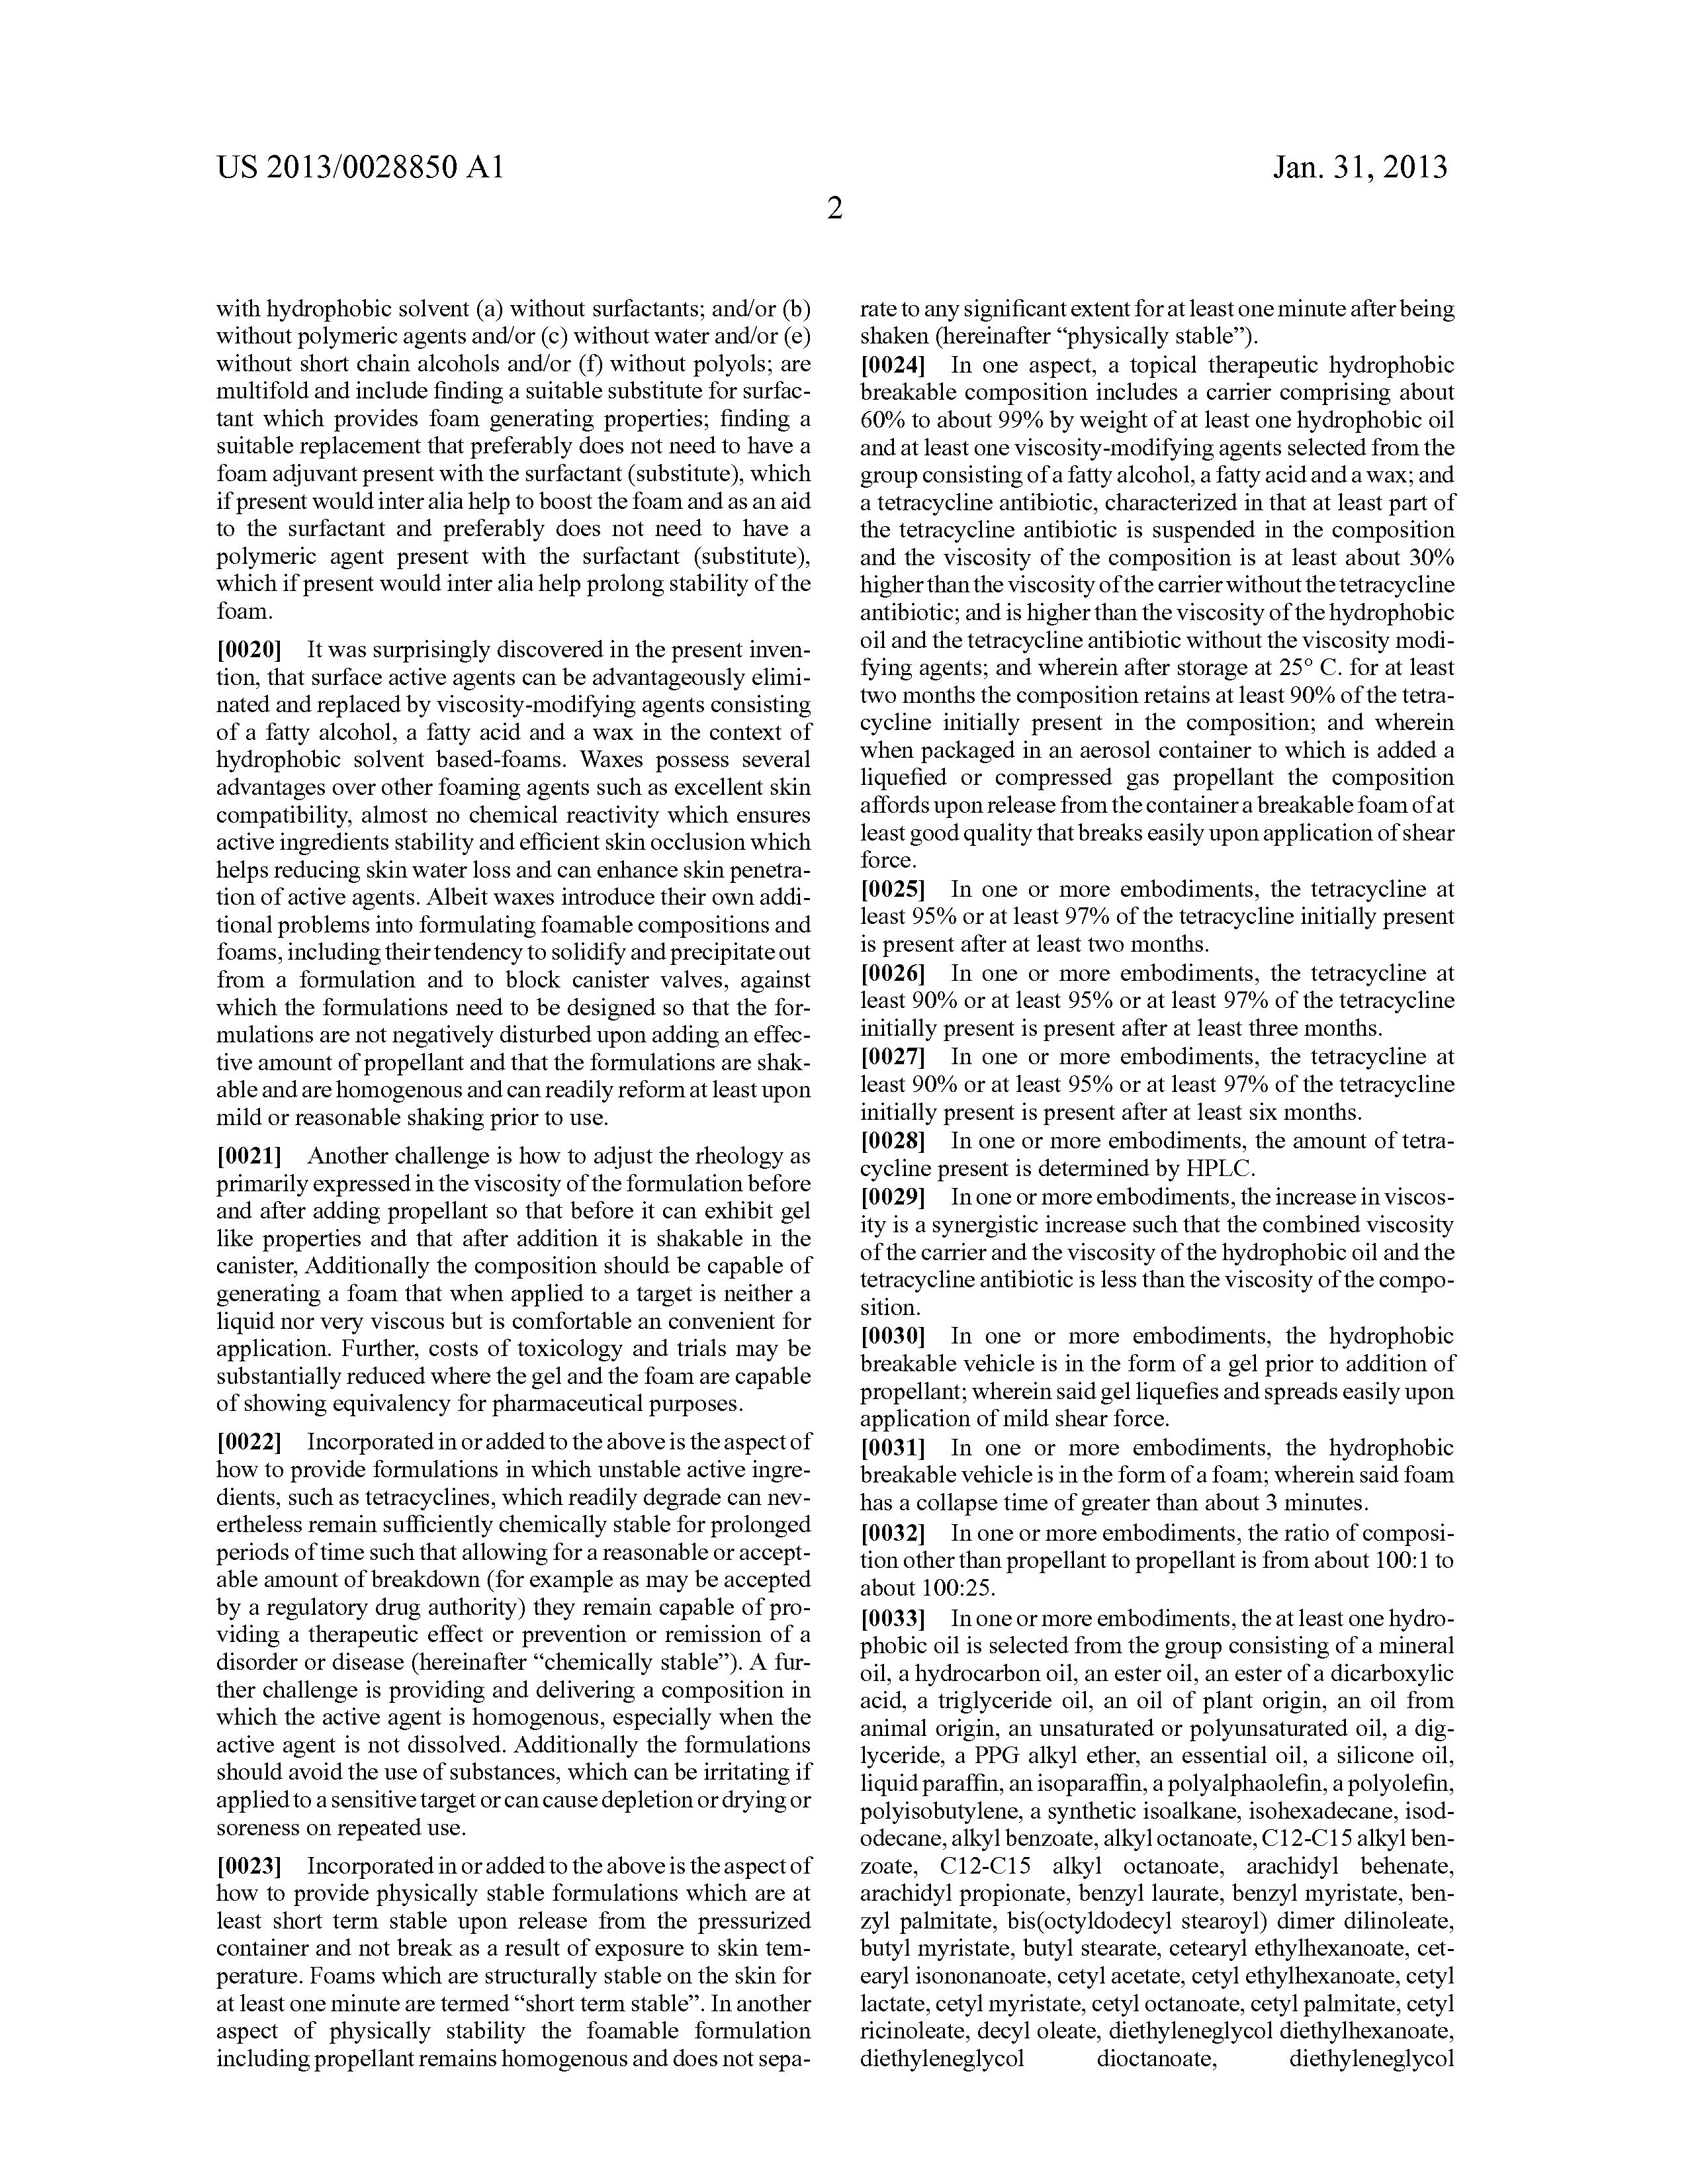 viagra vs cialis reviews